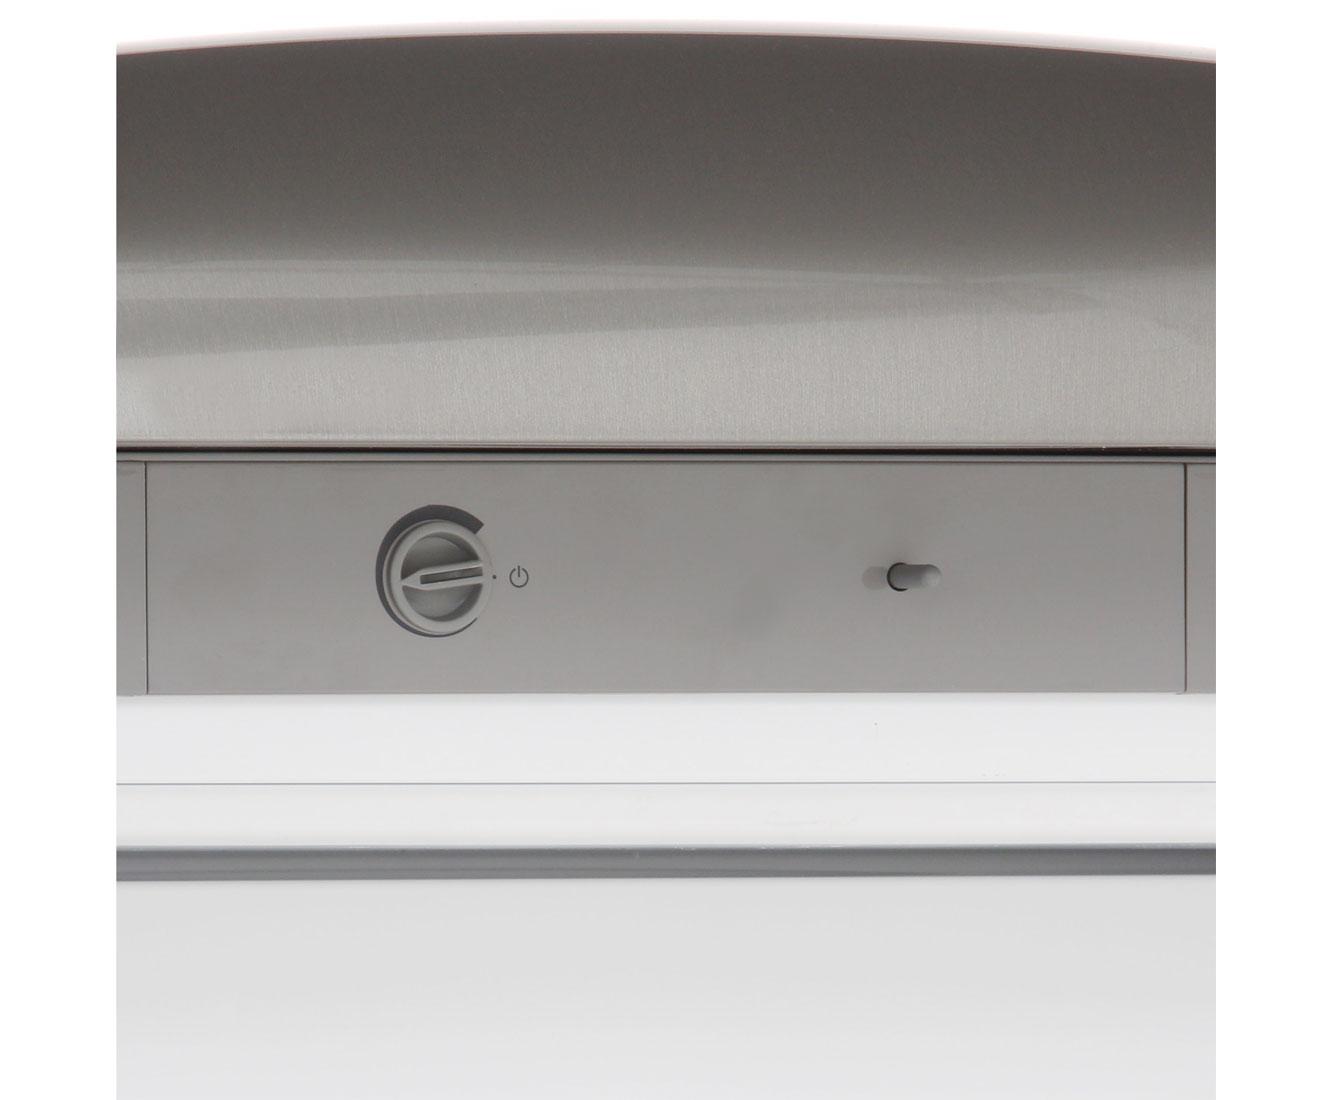 Gorenje Kühlschrank Orb153 : Kühlschrank freistehend retro gorenje orb c l kühlschrank